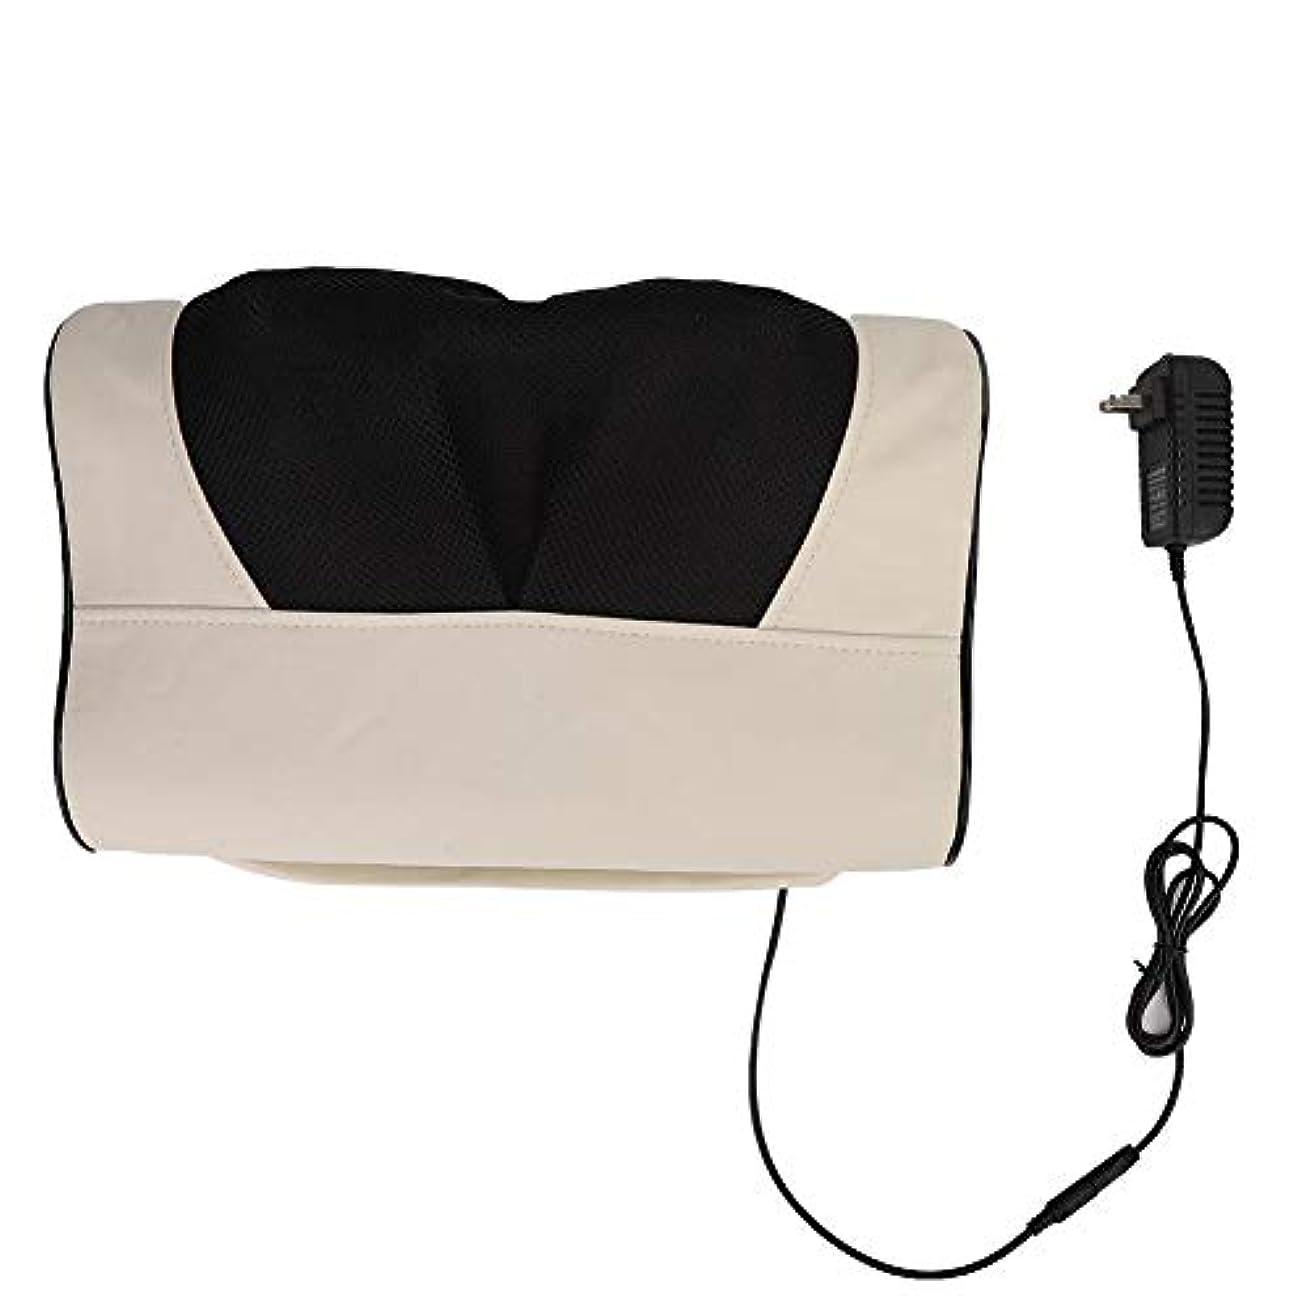 飛ぶ本質的ではない飛ぶマッサージ枕、多機能頸椎ネックショルダーマッサージャー電動マッサージ枕